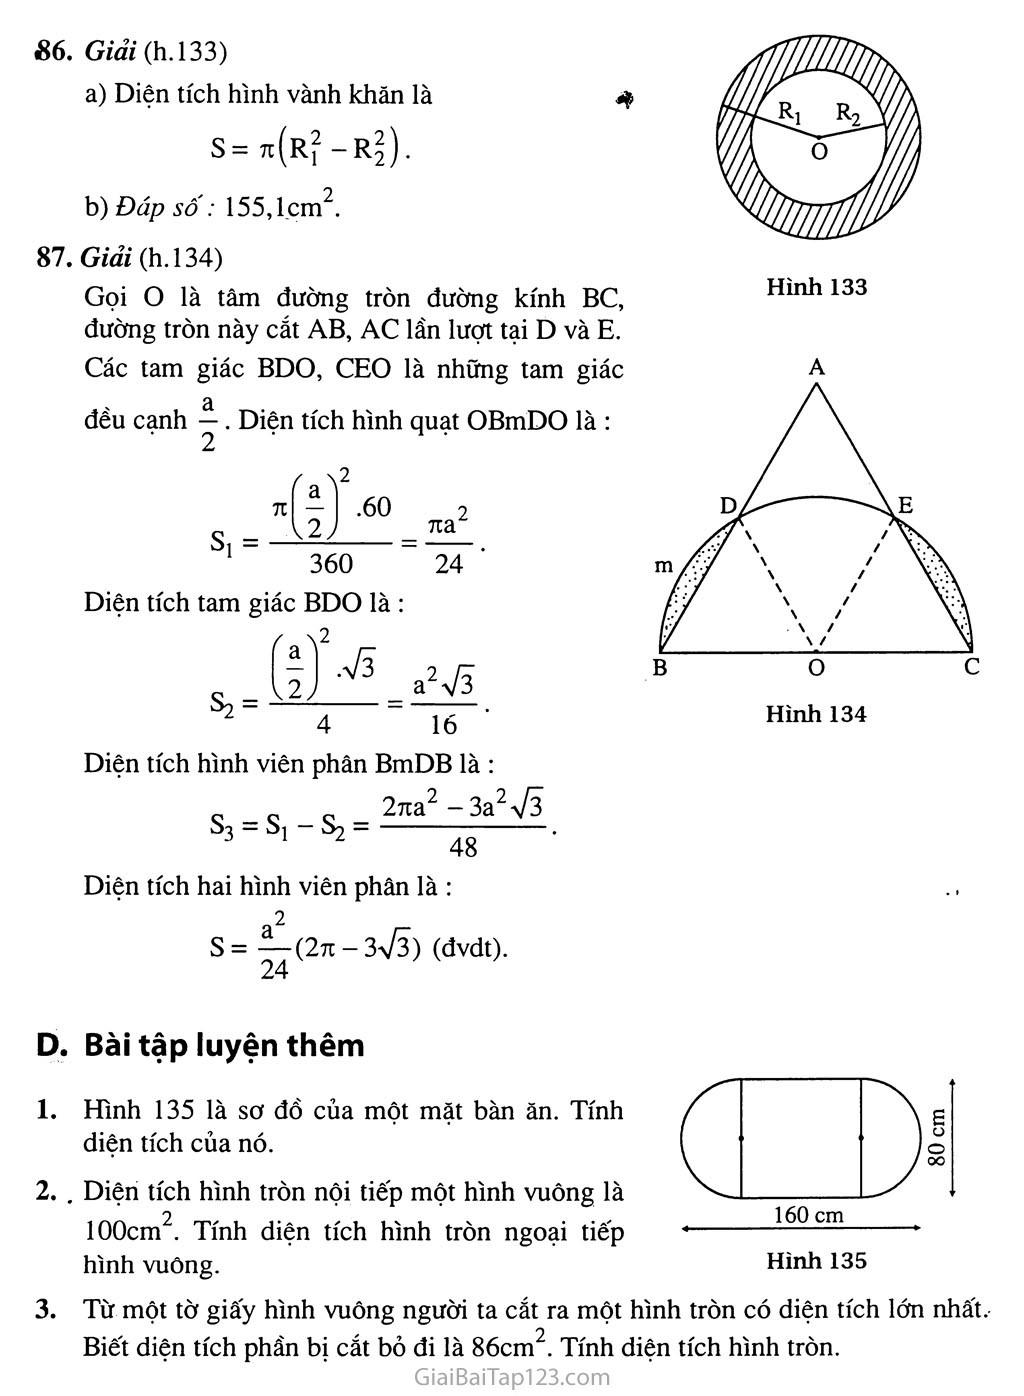 Bài 10. Diện tích hình tròn, hình quạt tròn trang 5